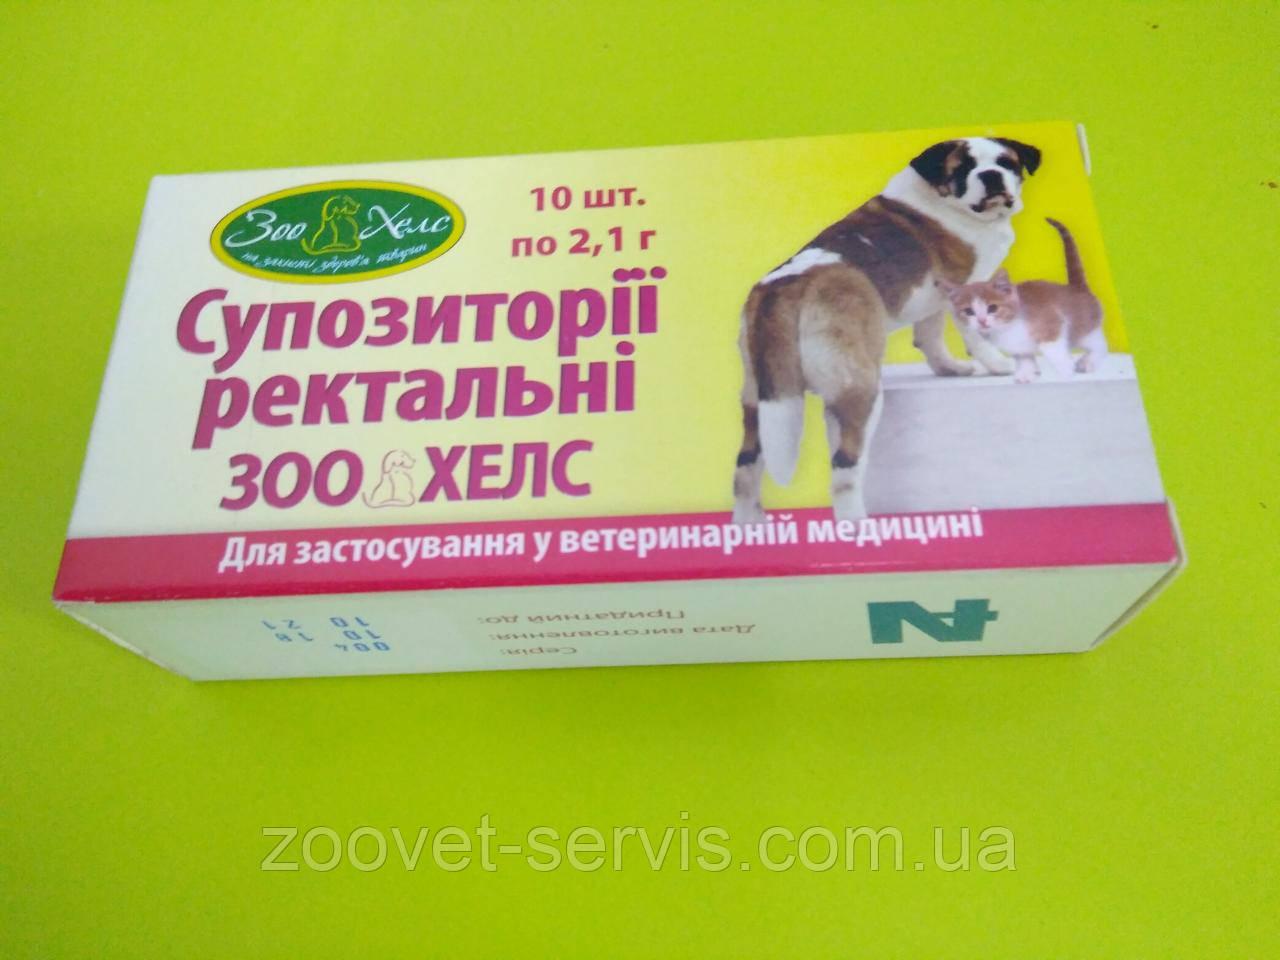 Супозитории ЗооХелс упаковка - 10 шт